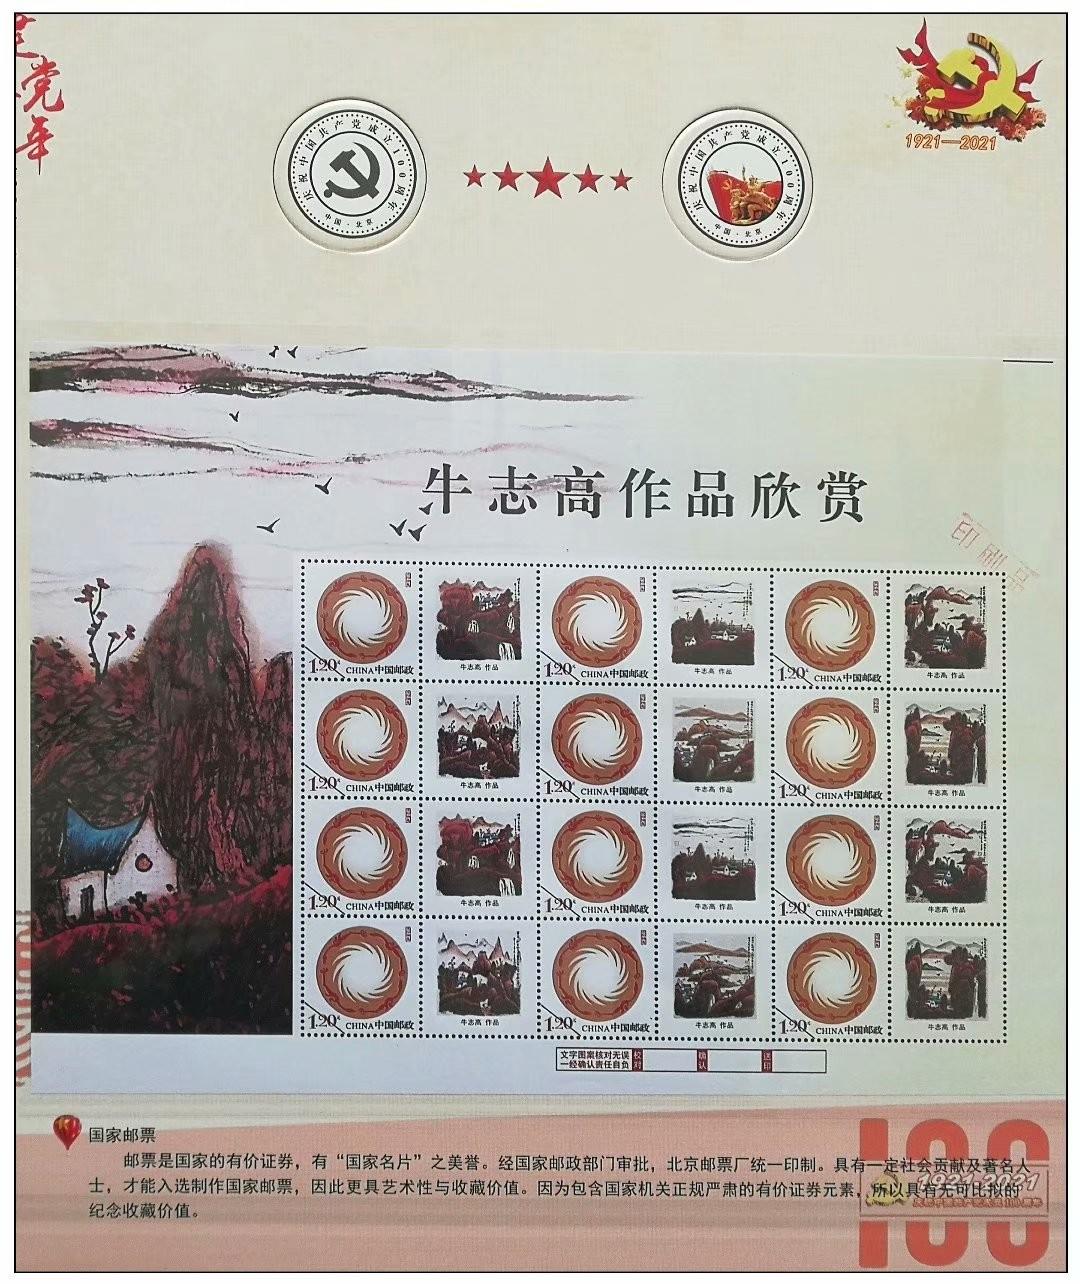 庆祝中国共产党成立100周年---牛志高书画集邮册面世2021.03.15_图1-8